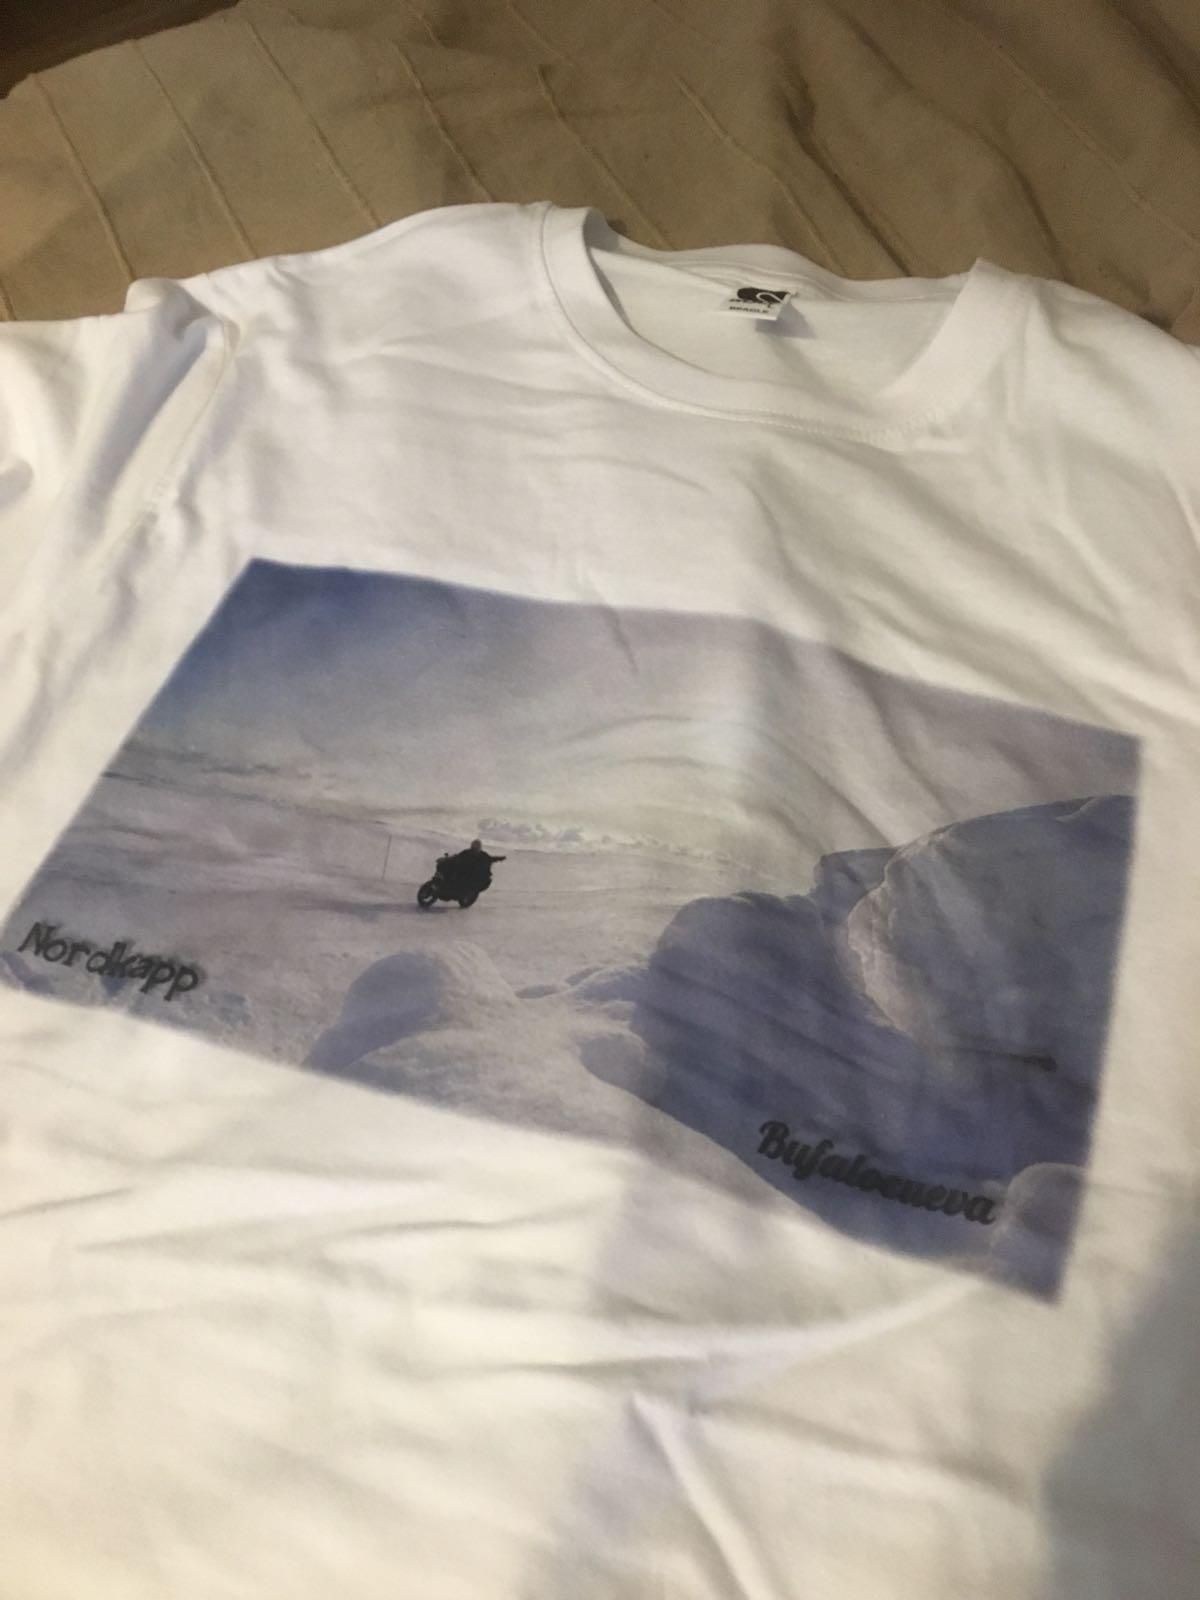 Camiseta exclusiva Nordkapp